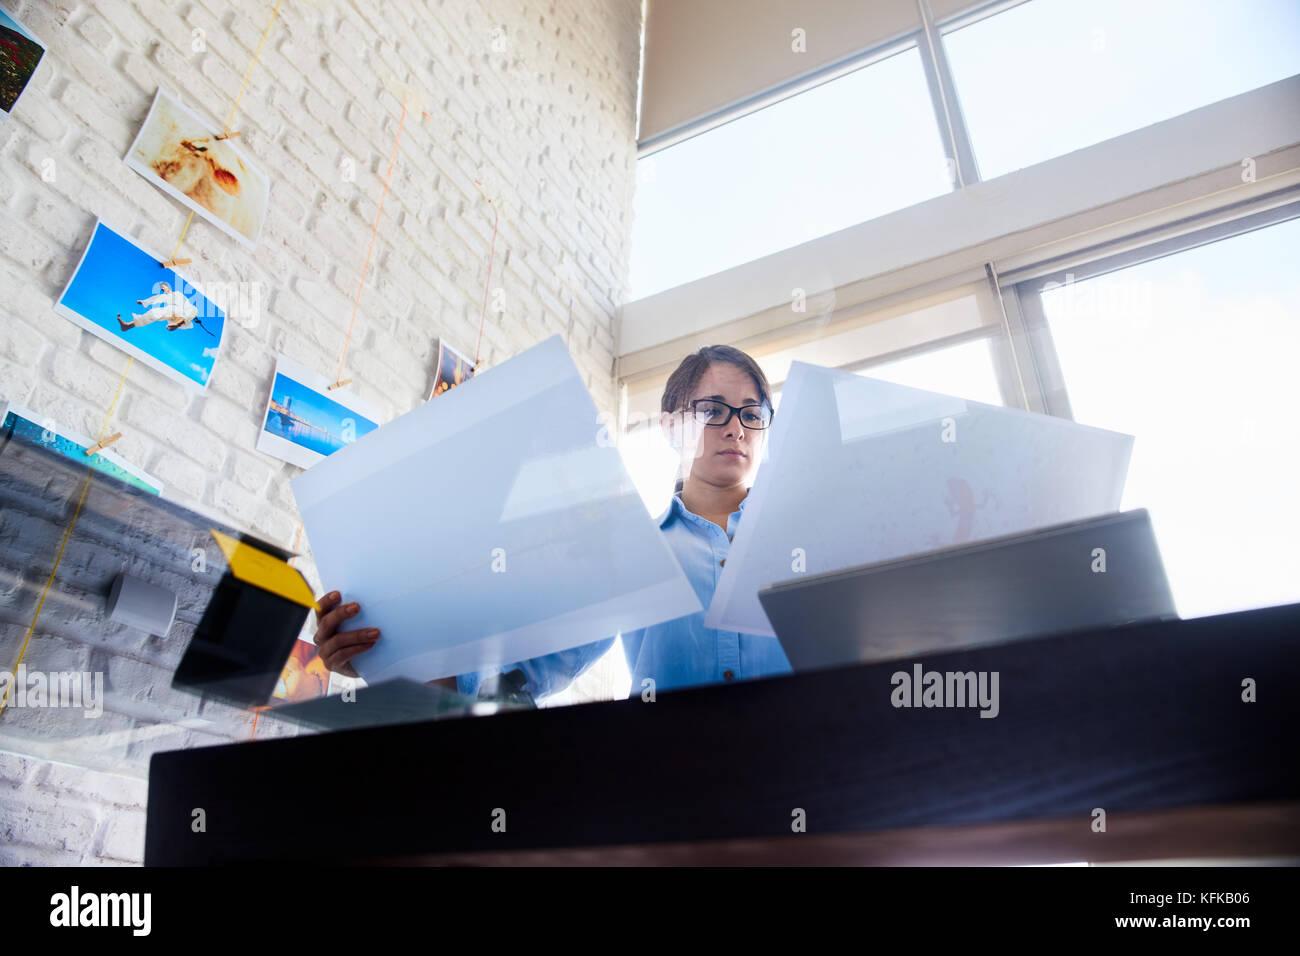 Joven y pequeña empresa. ocupada mujer trabajando como fotógrafo en studio. chica hispana control de imágenes Imagen De Stock